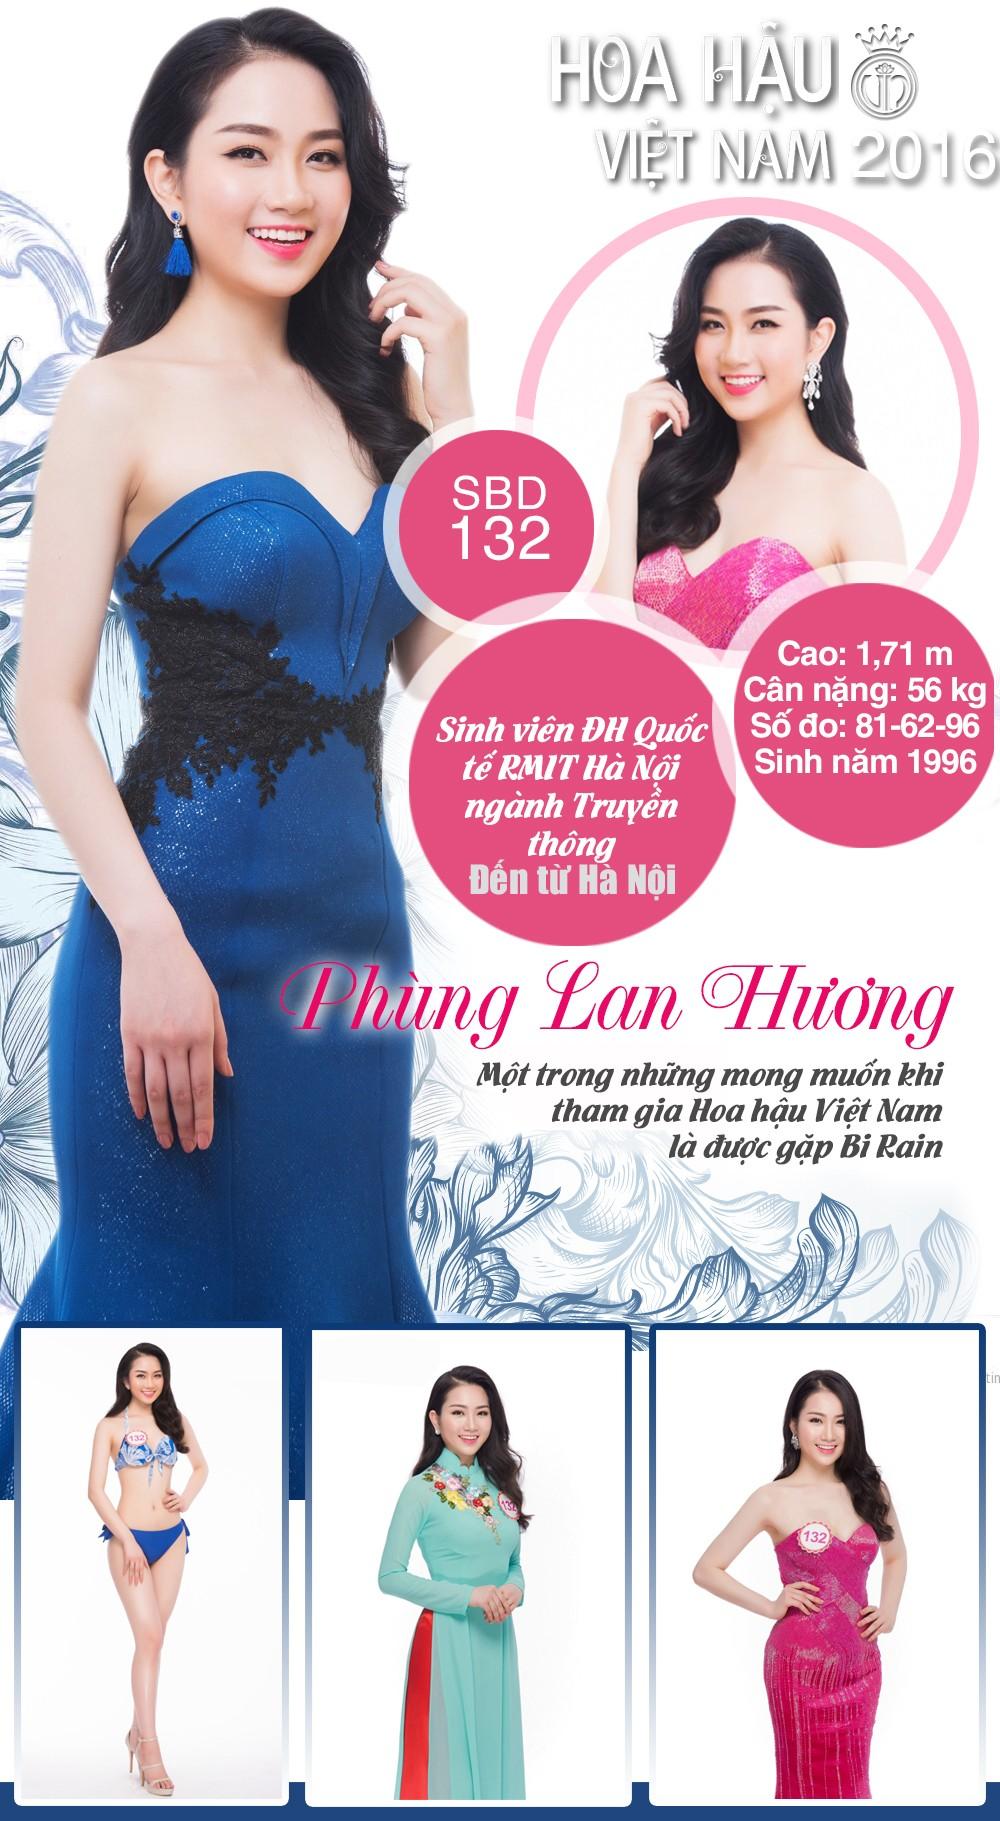 [INFO] Nhan sắc thí sinh HHVN 2016 Phùng Lan Hương ảnh 1